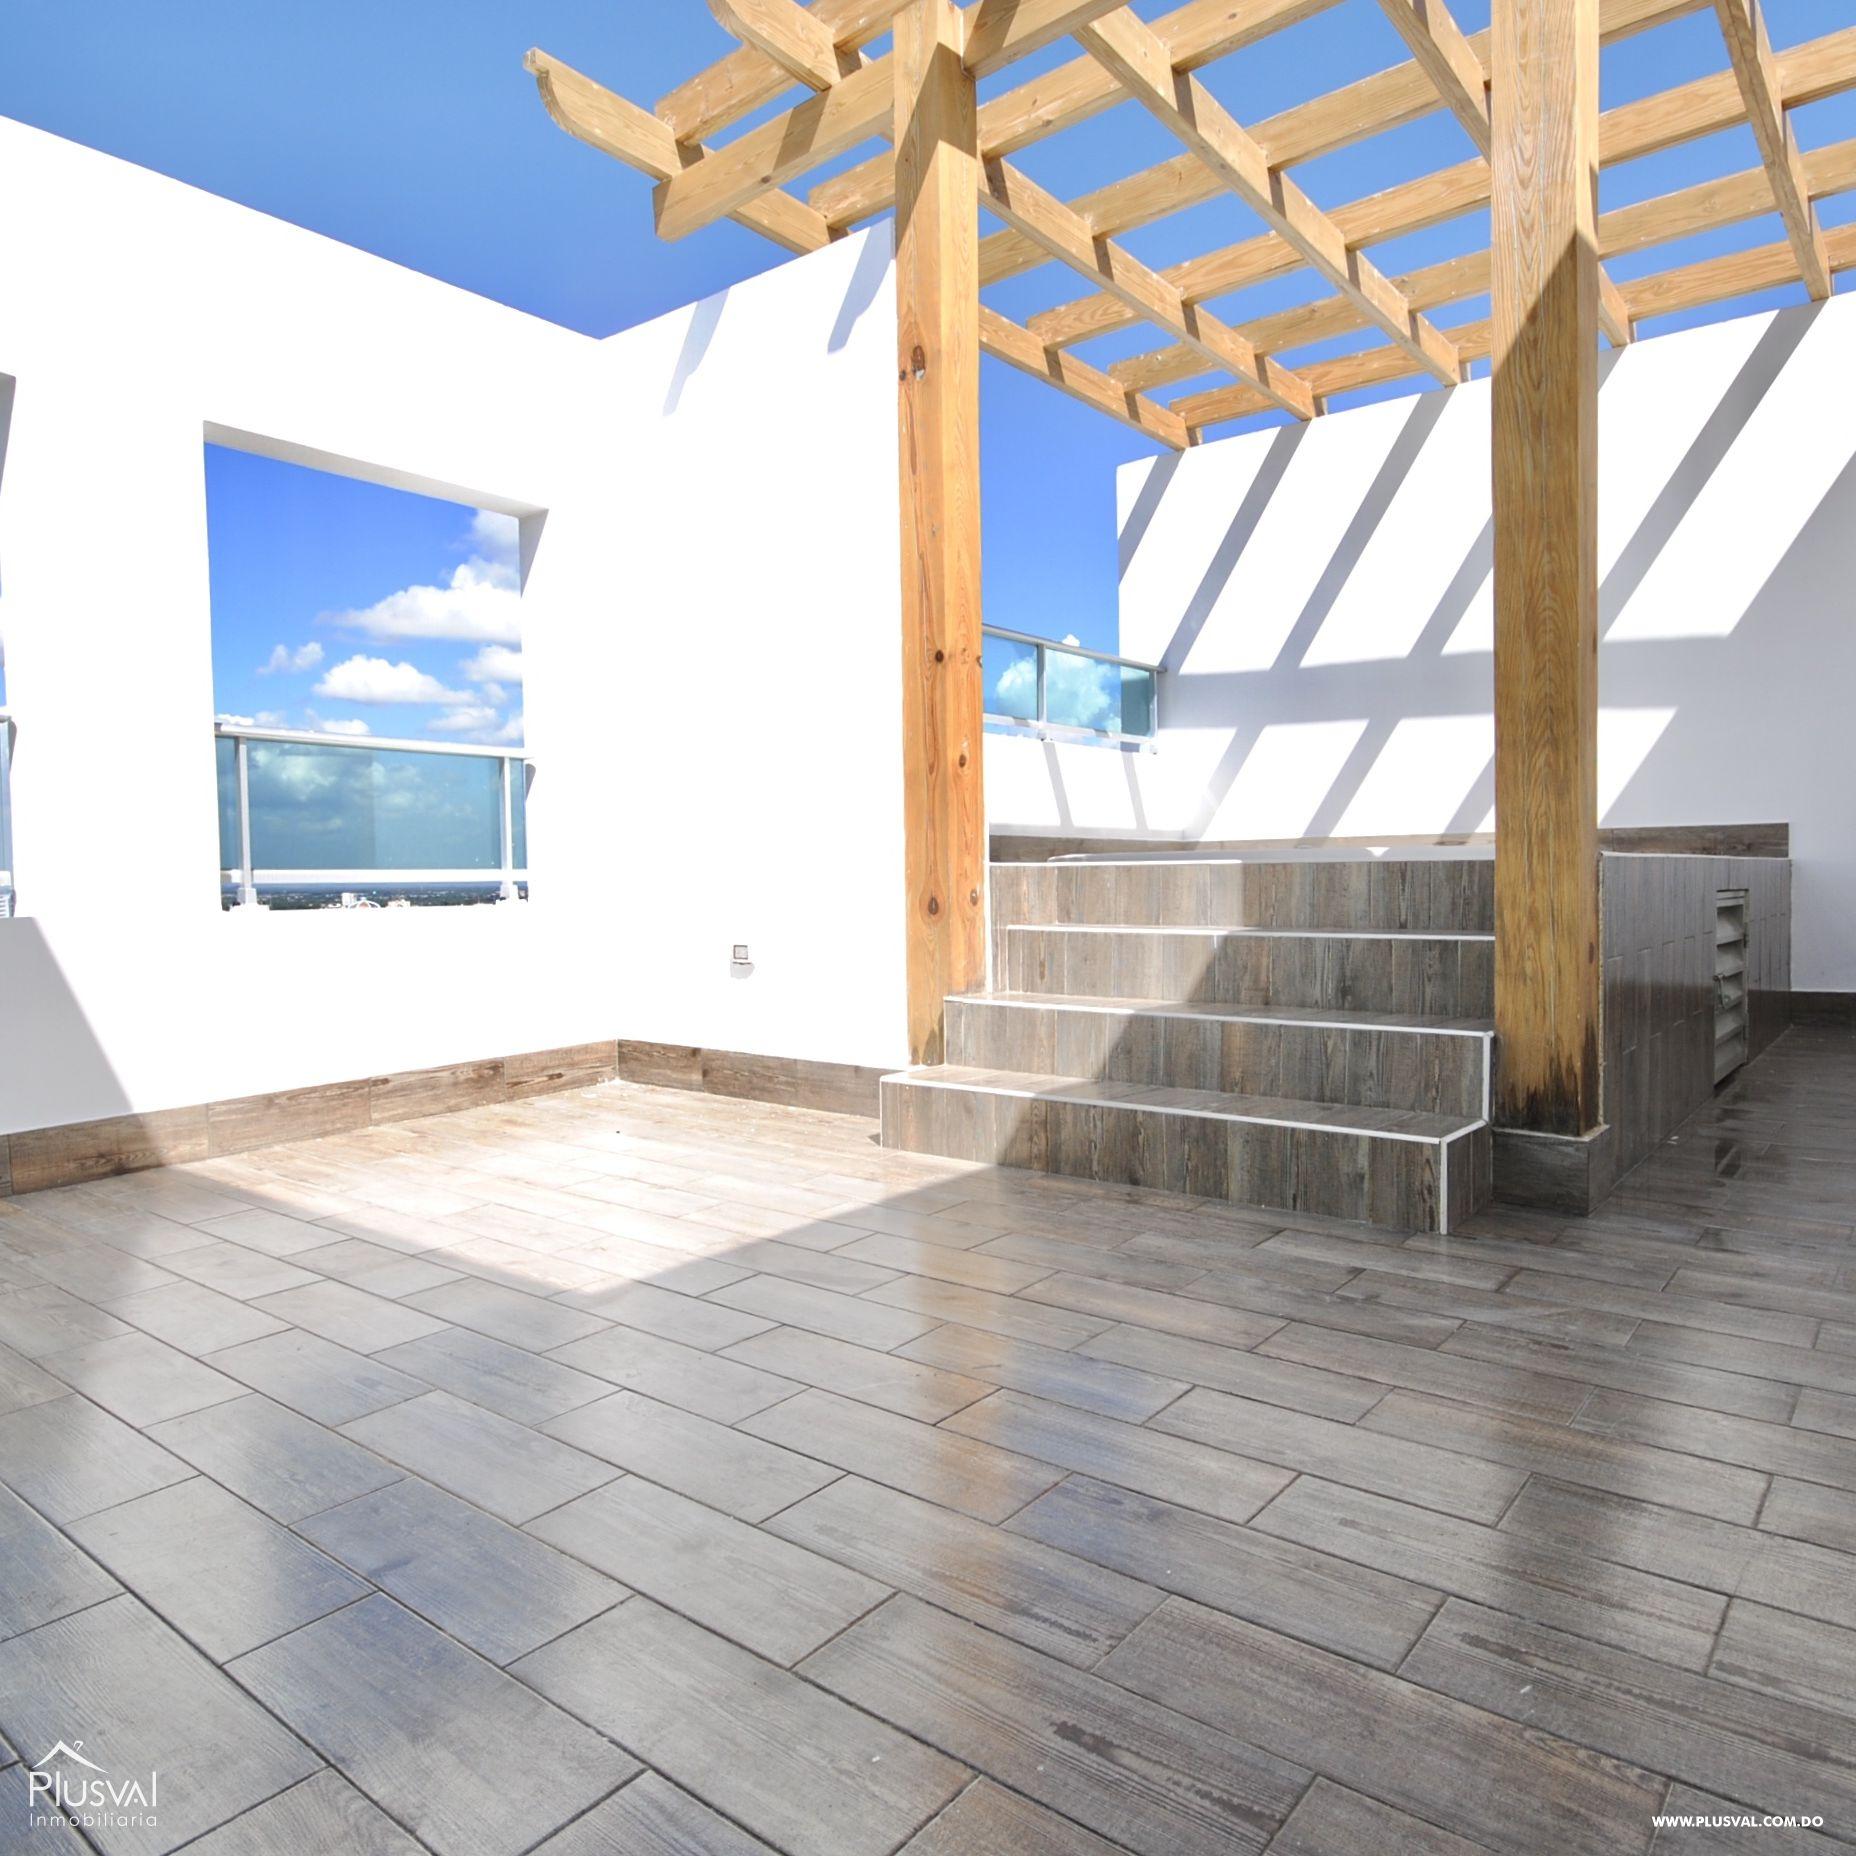 Penthouse en venta, Piantini con terraza y jacuzzi